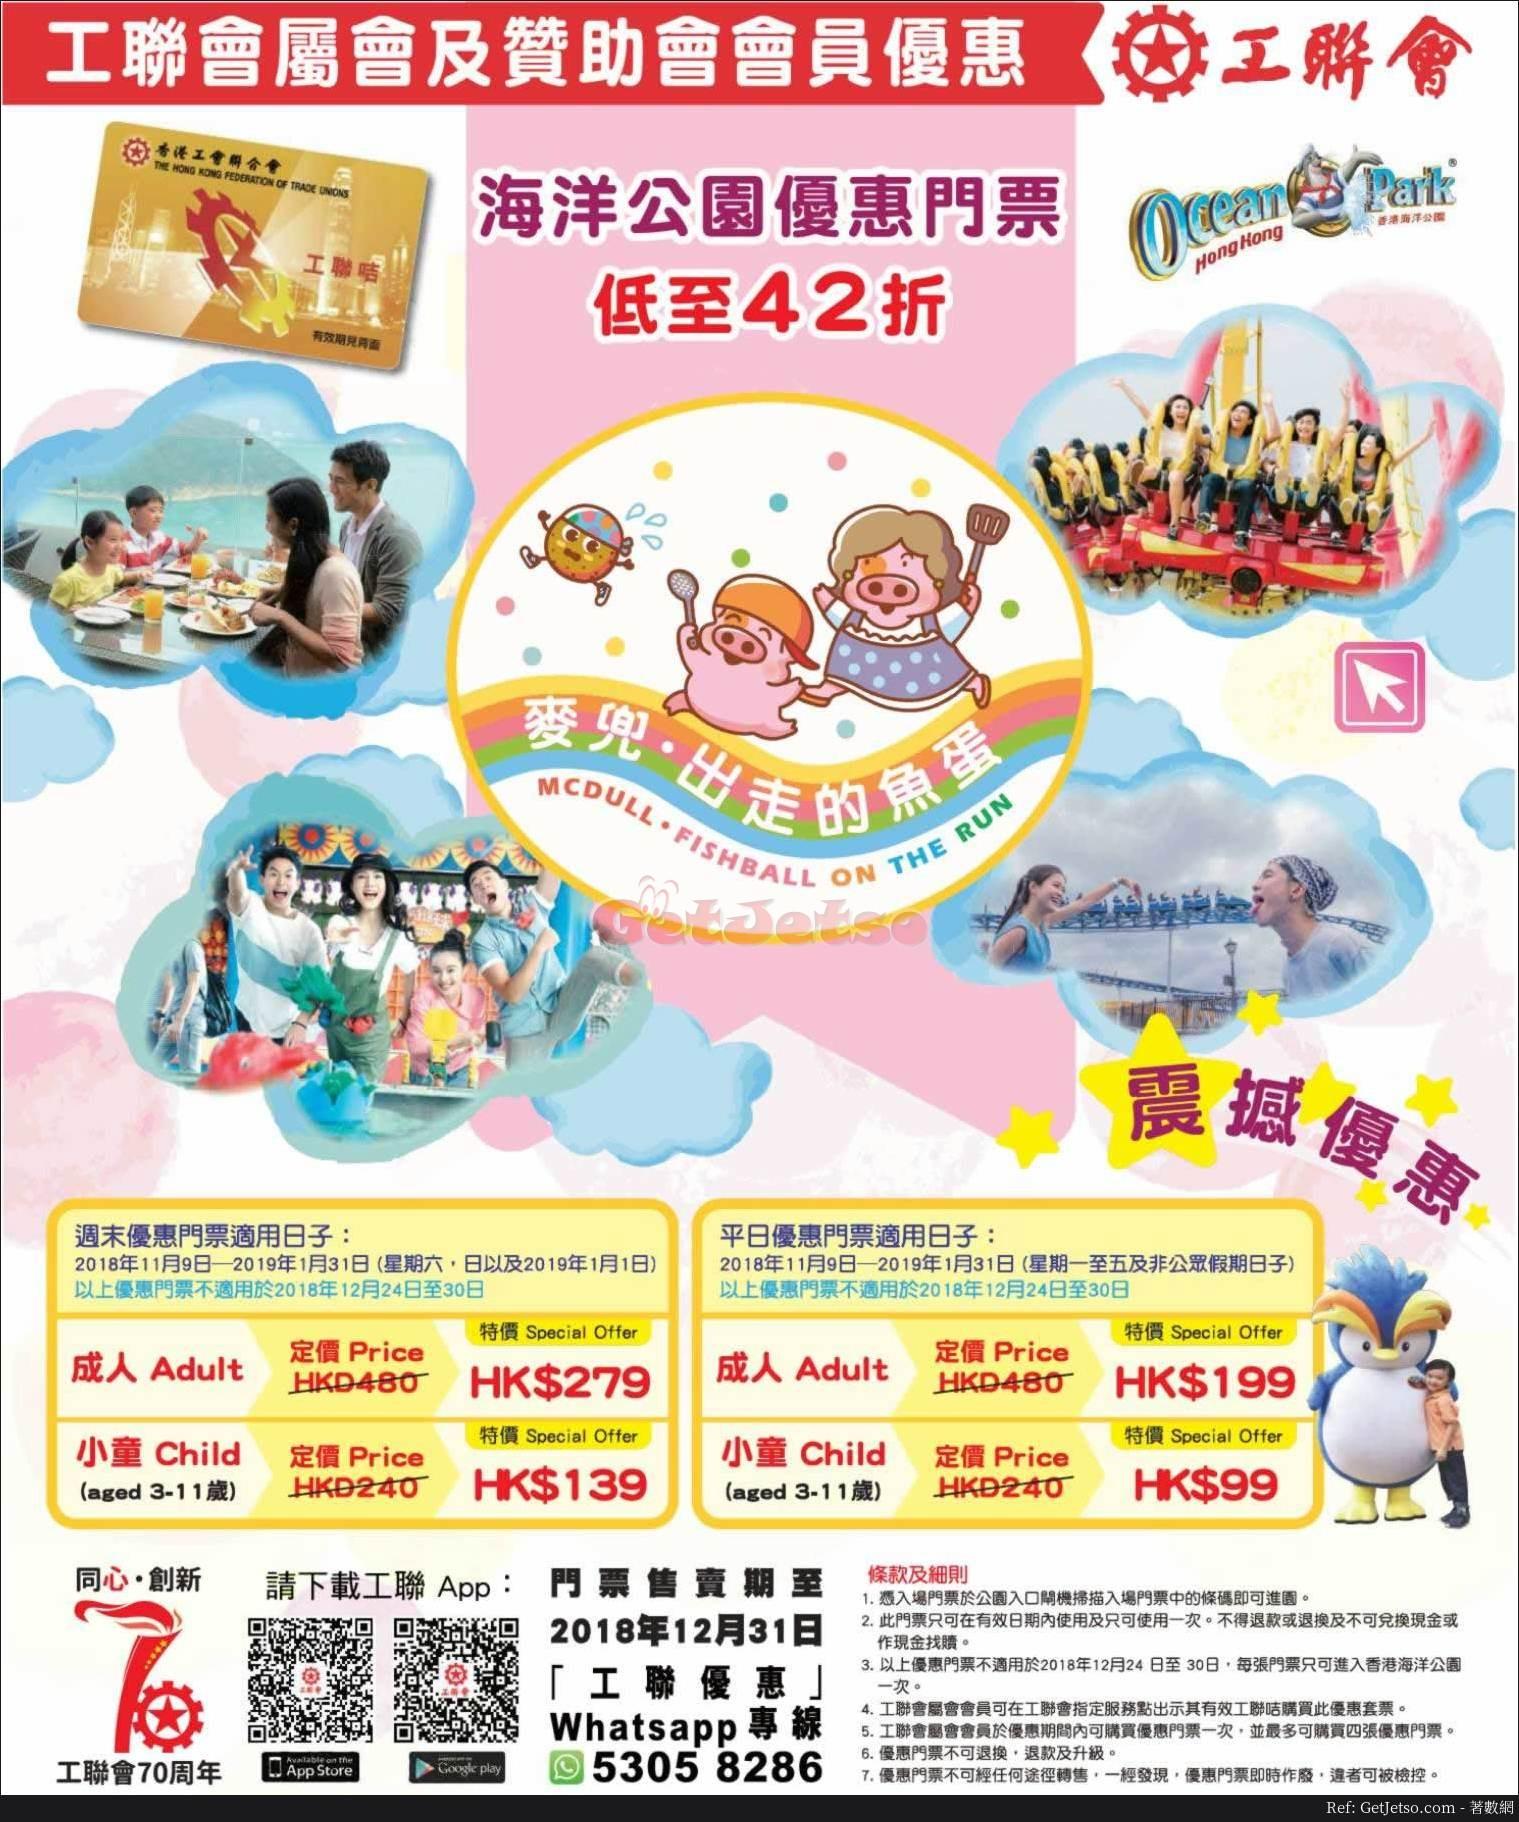 海洋公園門票低至42折優惠@工聯會 - Get Jetso 著數優惠網